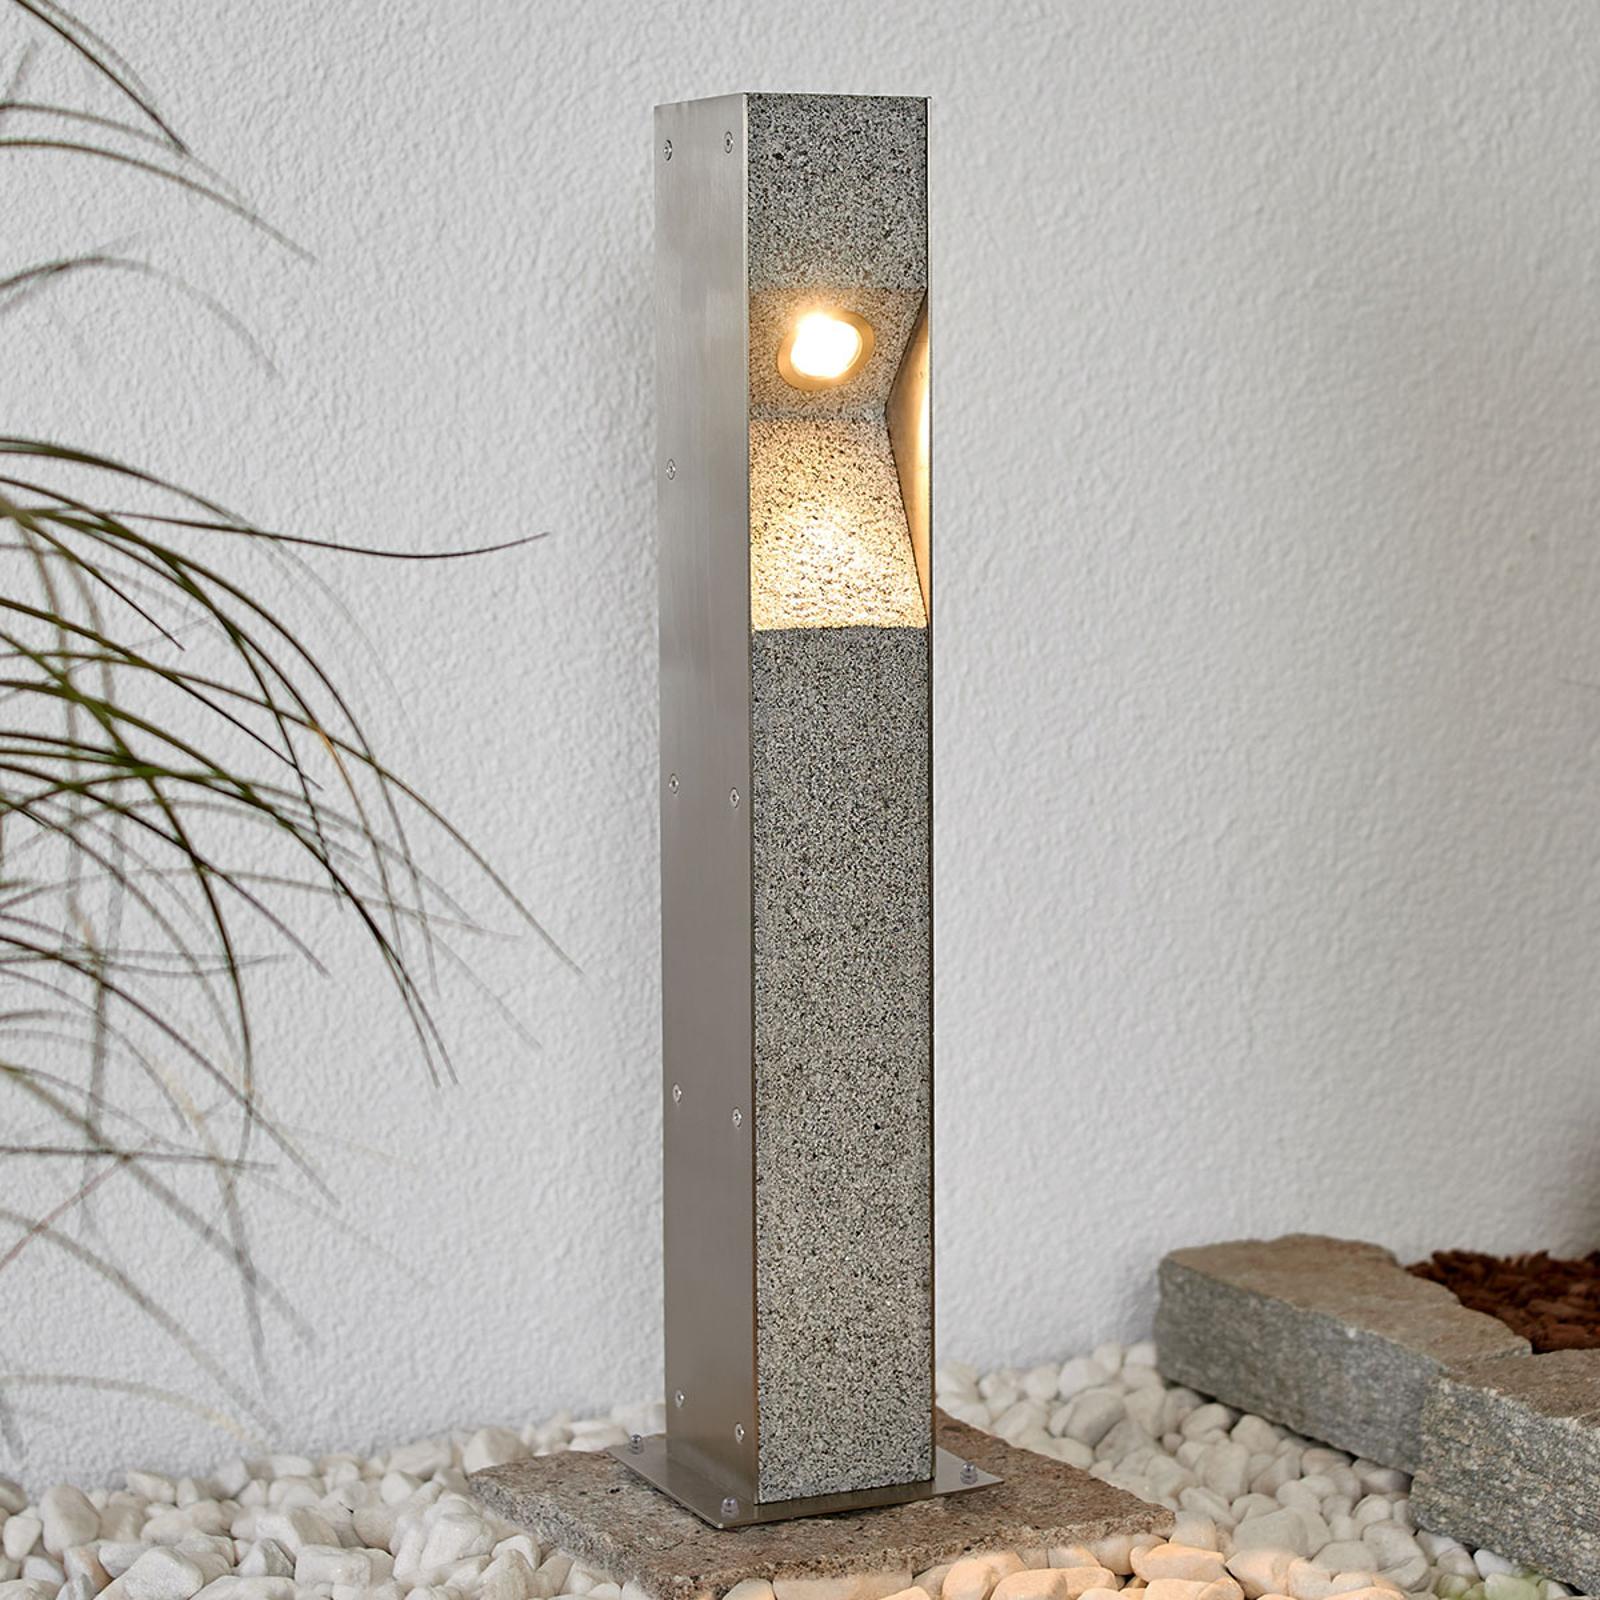 Słupek oświetleniowy LED Amelia z granitem, 60cm